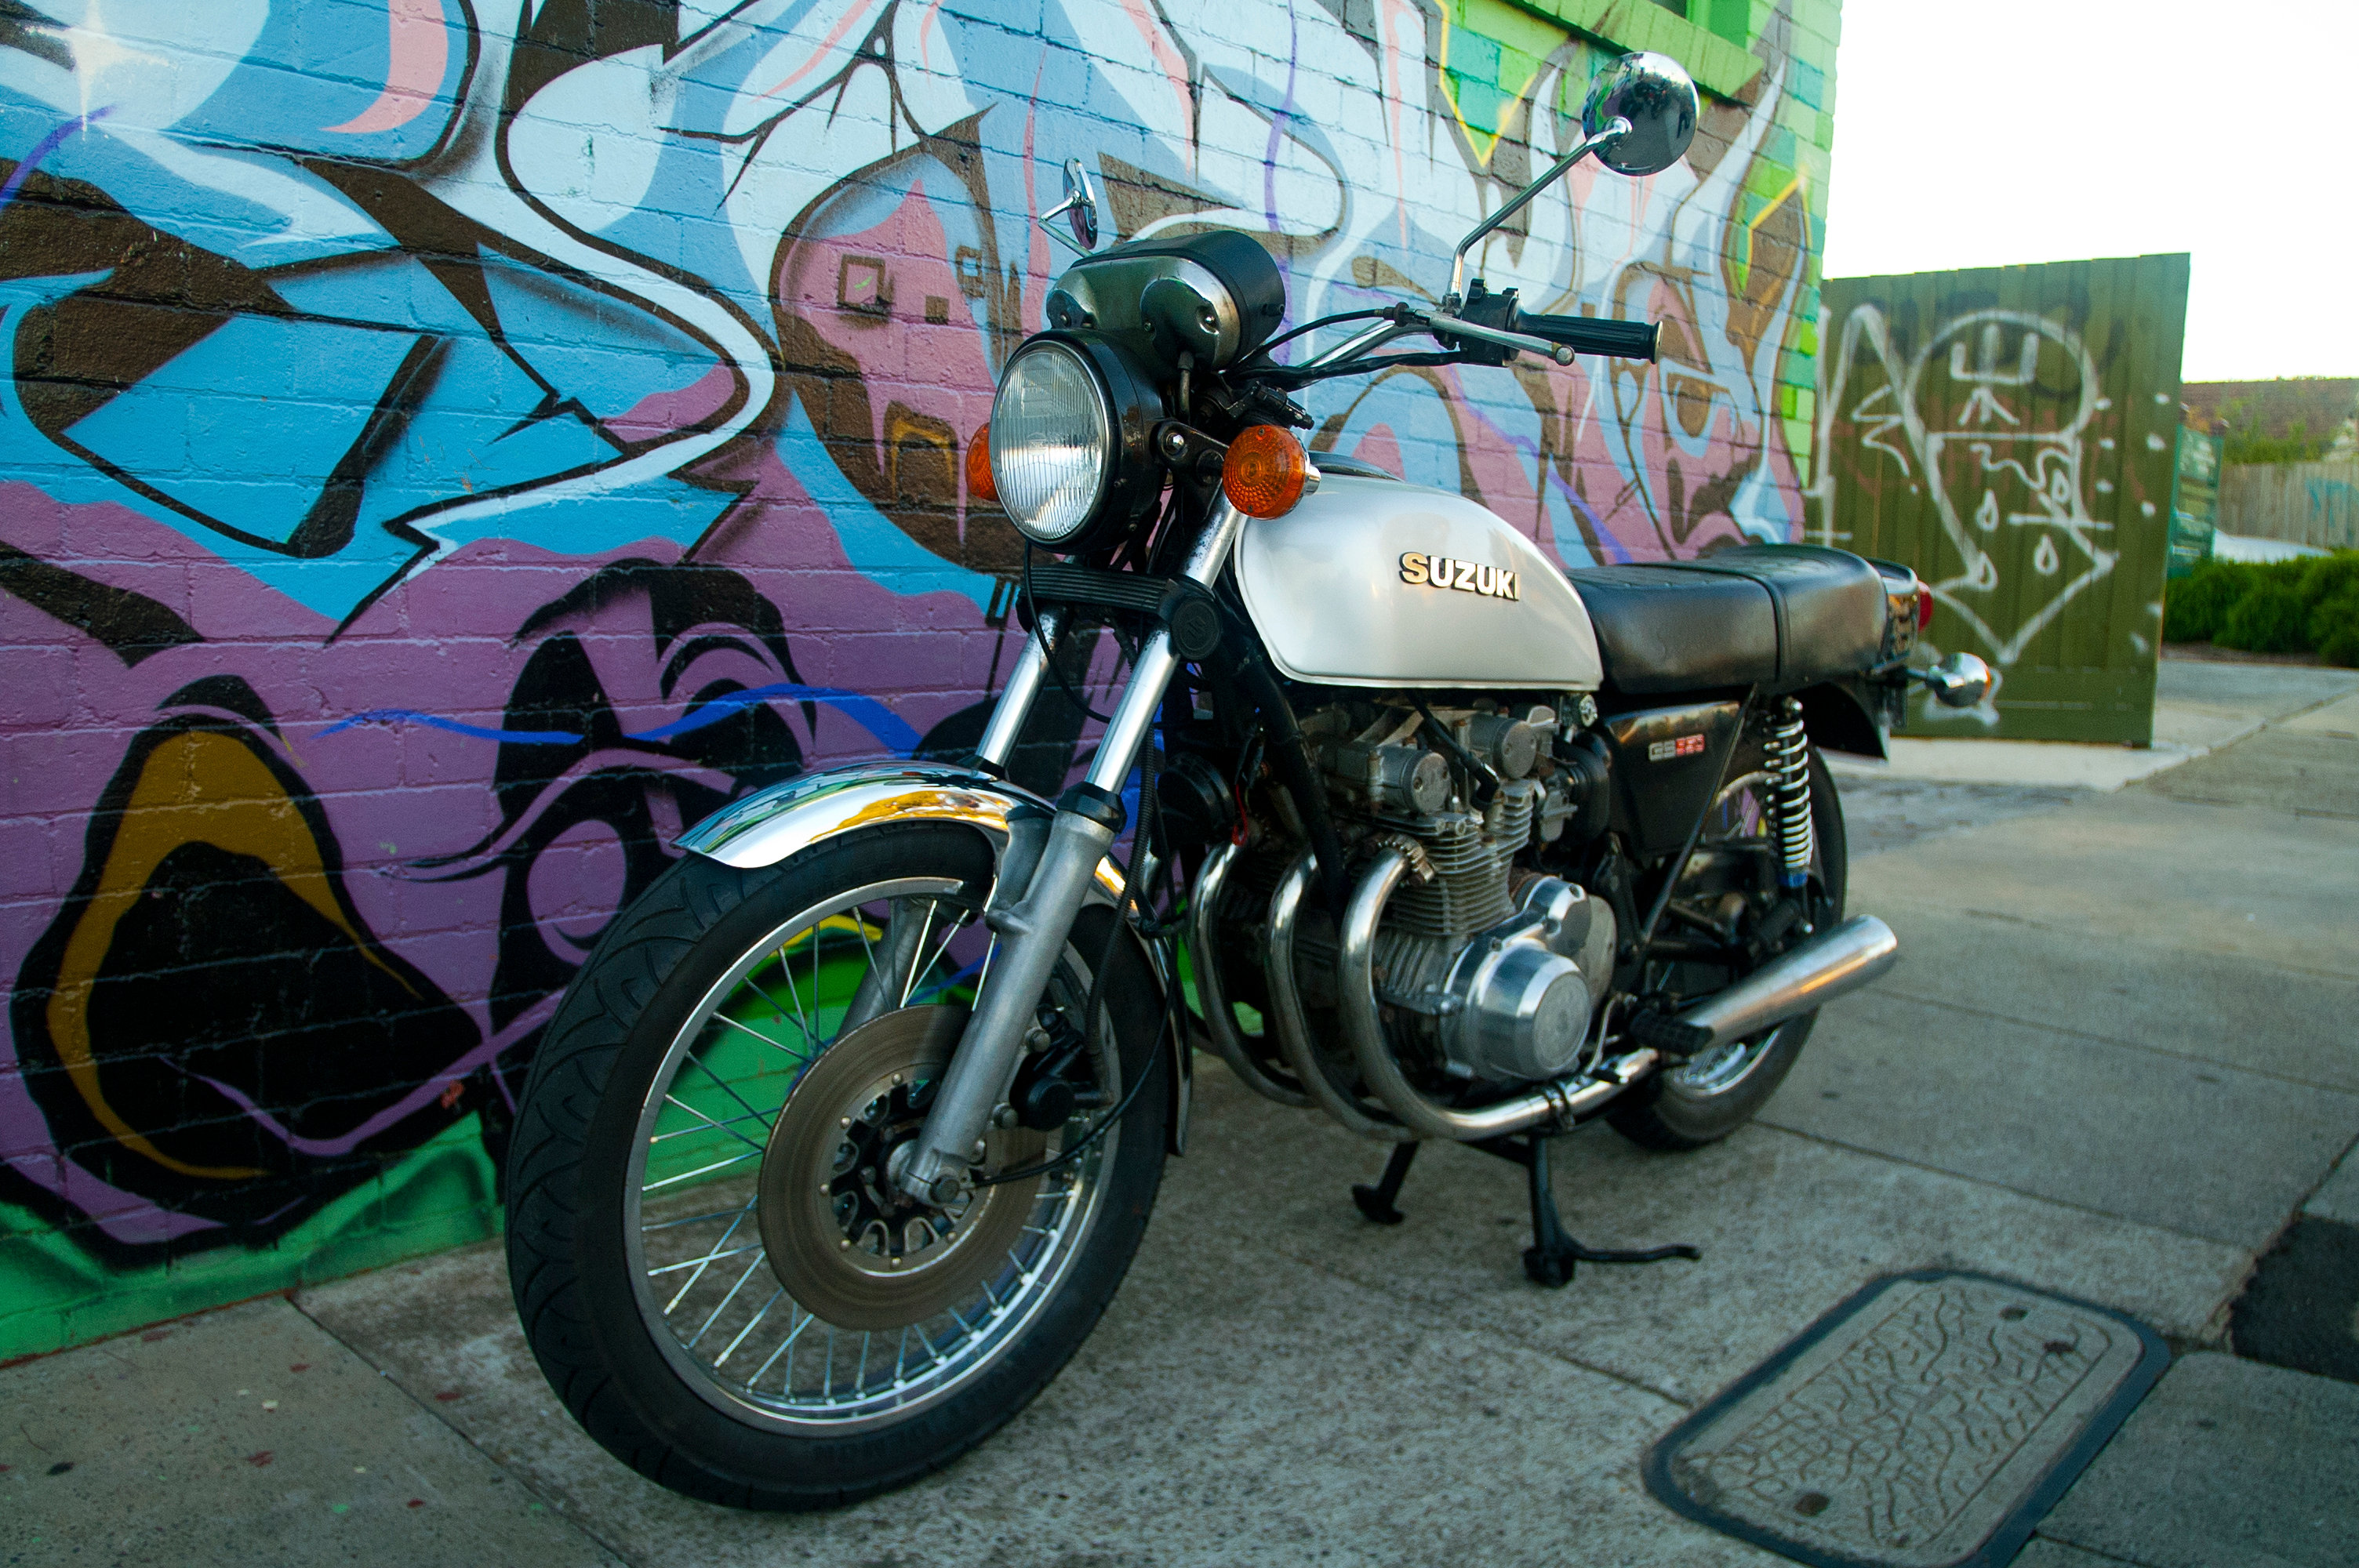 bike cjmc classic club japanese motorcycle vintage jpg 422x640